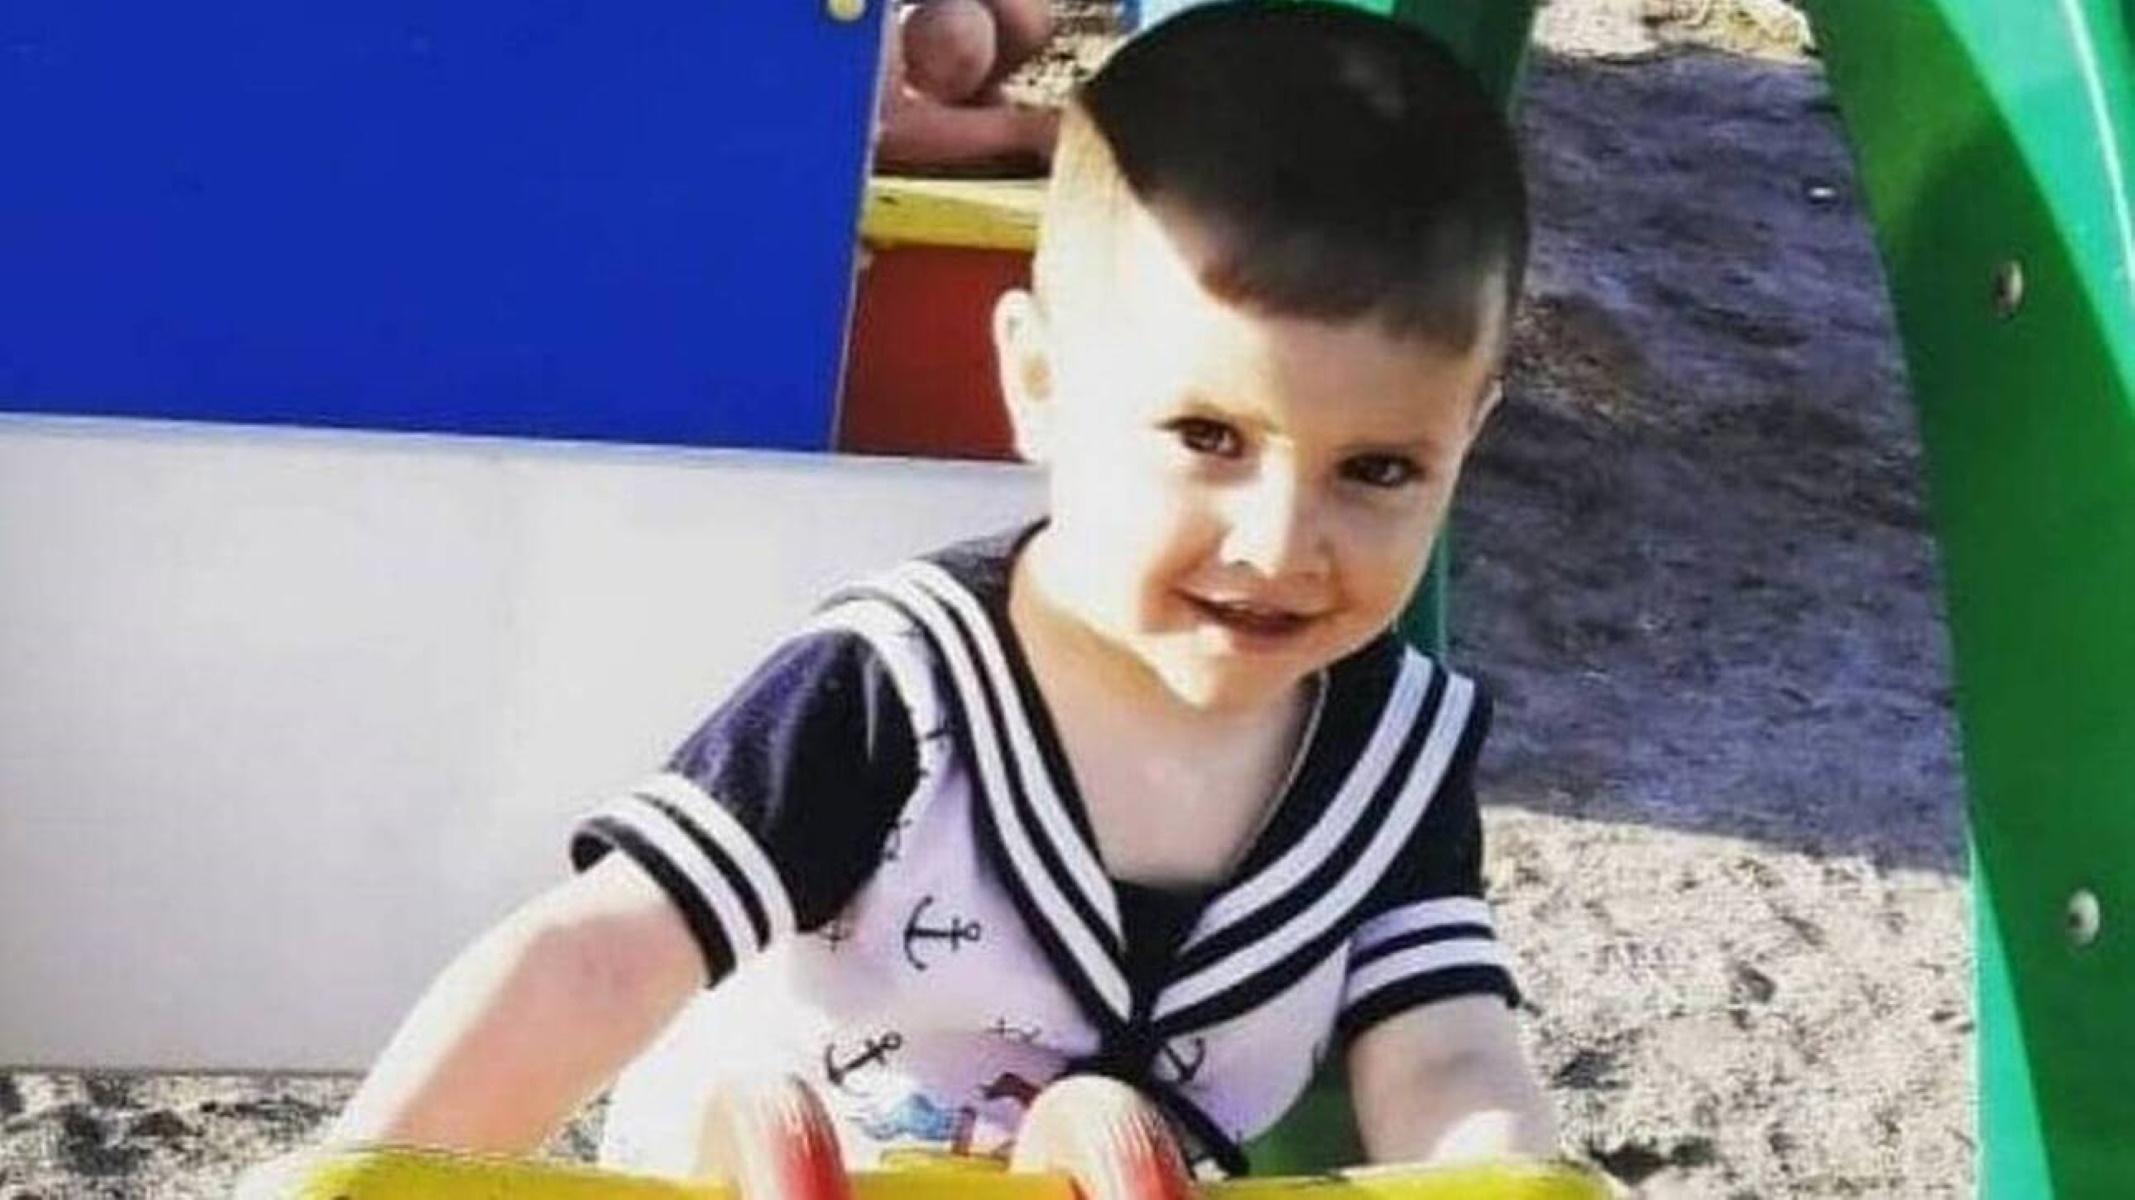 Θρήνος στη Ρωσία για τρίχρονο αγοράκι: Το ξυλοκόπησε ο πατριός του μέχρι θανάτου